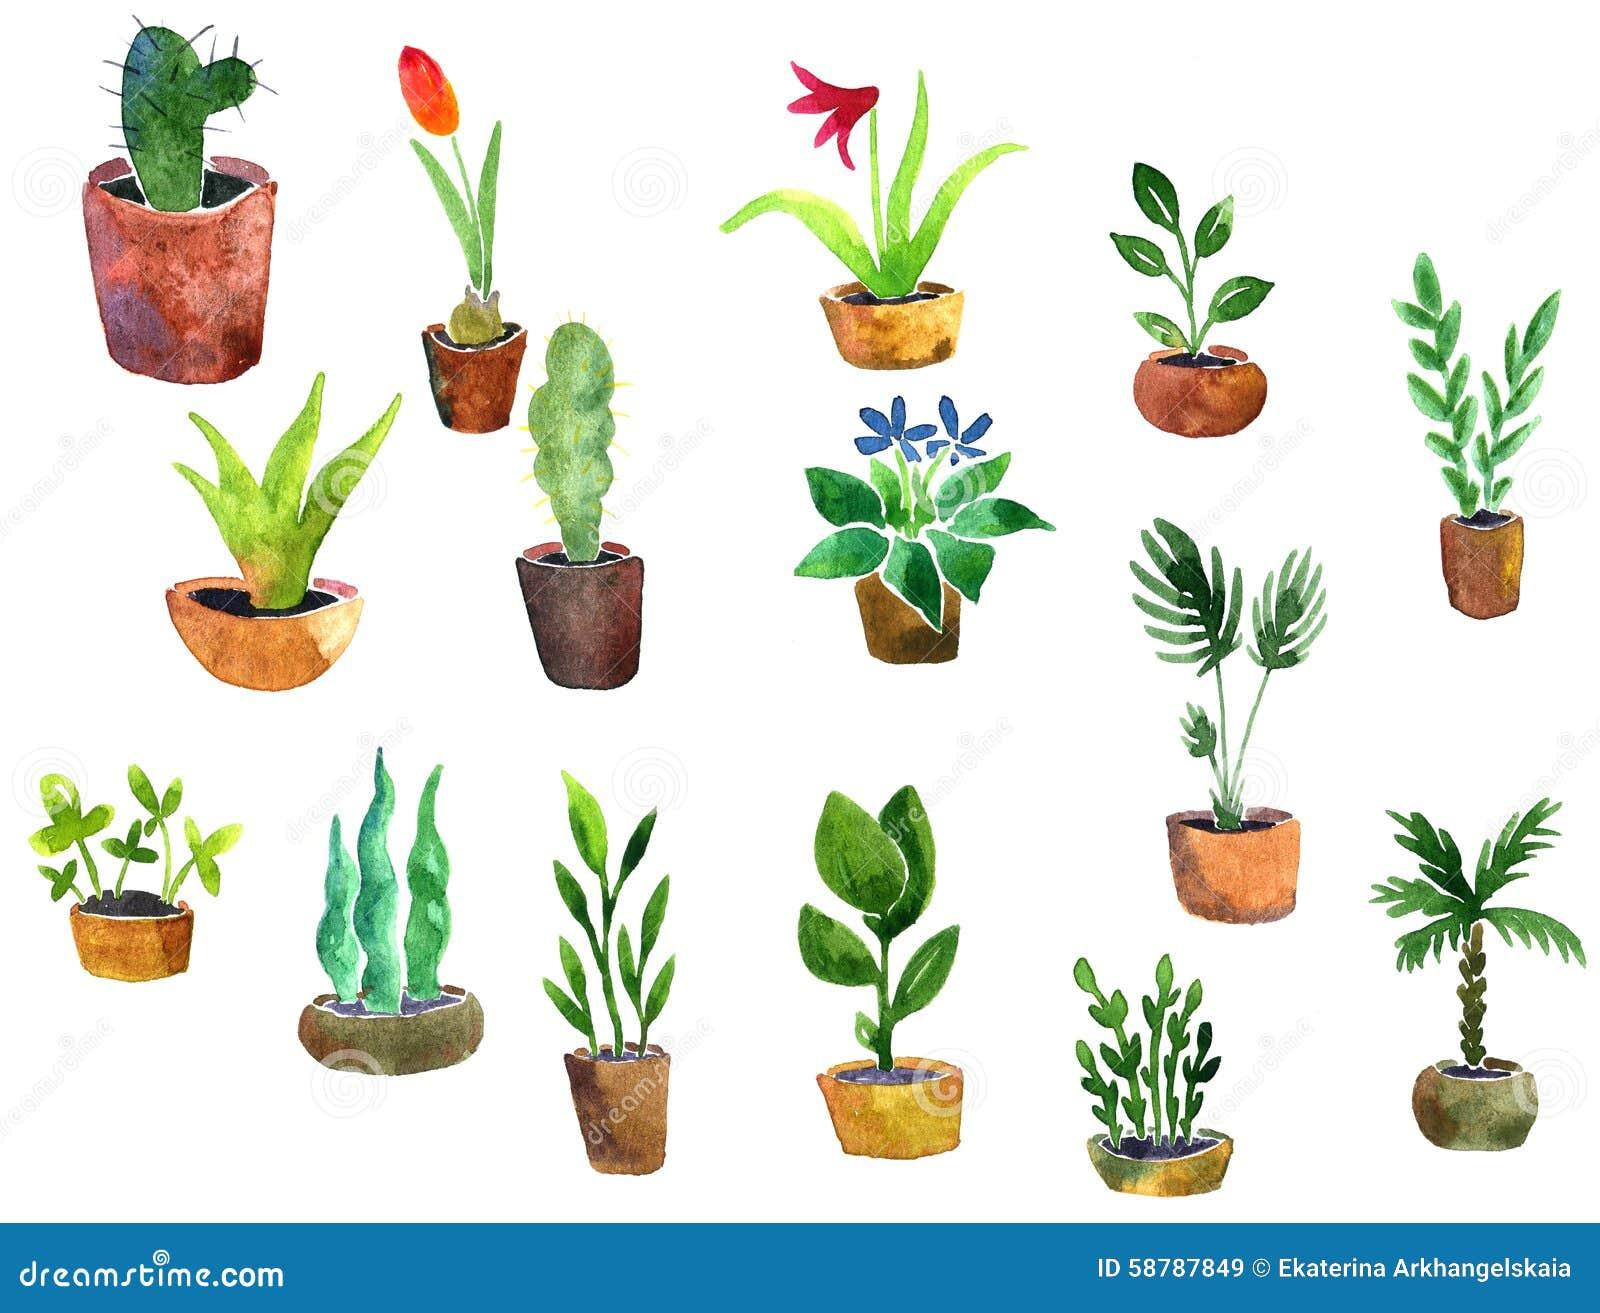 Plantas del hogar del dibujo de la acuarela stock de for Diferentes plantas ornamentales